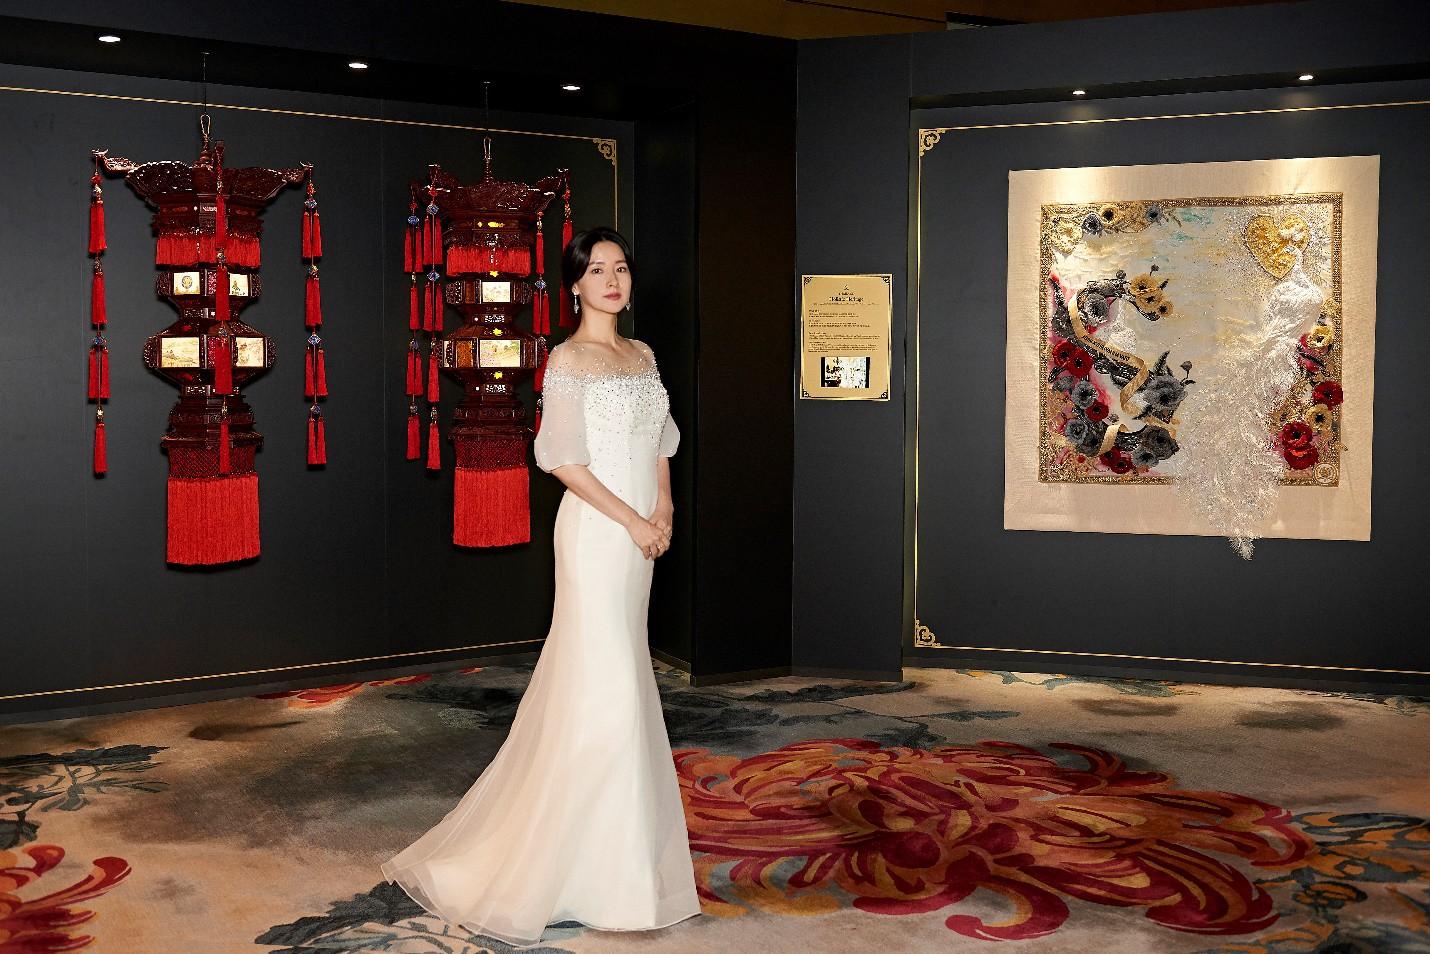 Choáng ngợp trước sự kiện toàn cầu lộng lẫy xa hoa của The history of Whoo tại Thượng Hải - Ảnh 2.